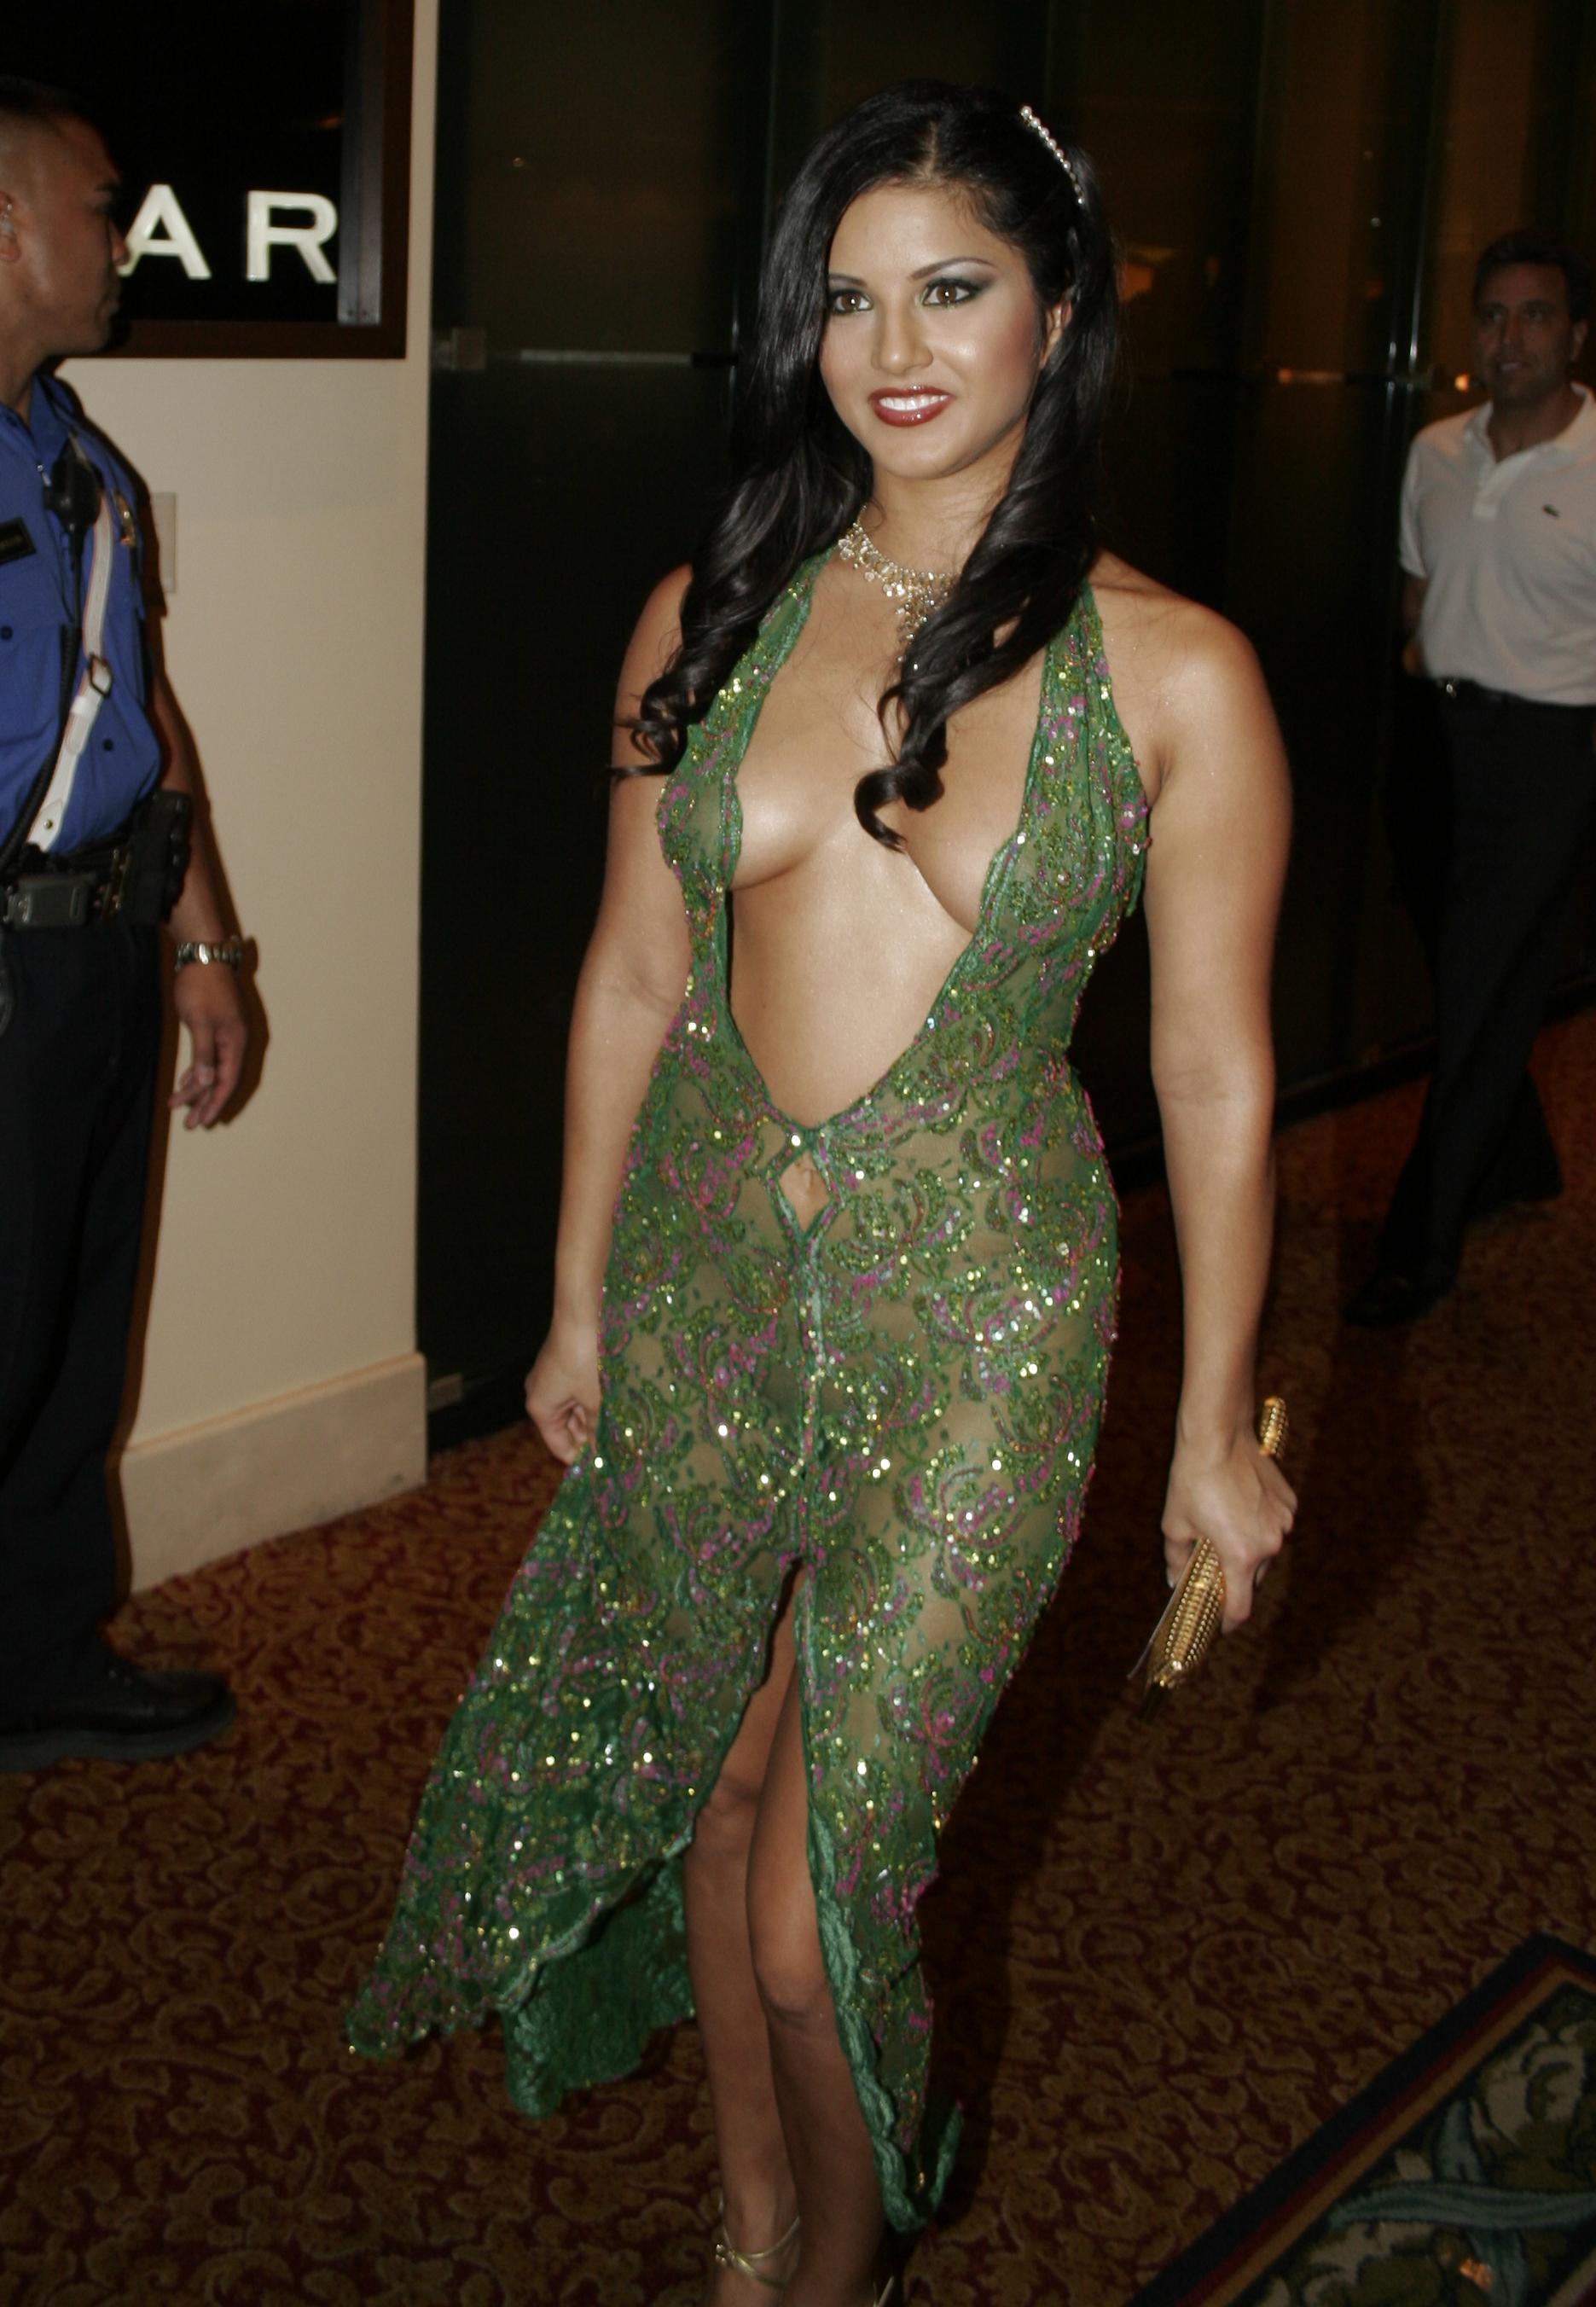 Sunny Leone At Avn Awards 2006